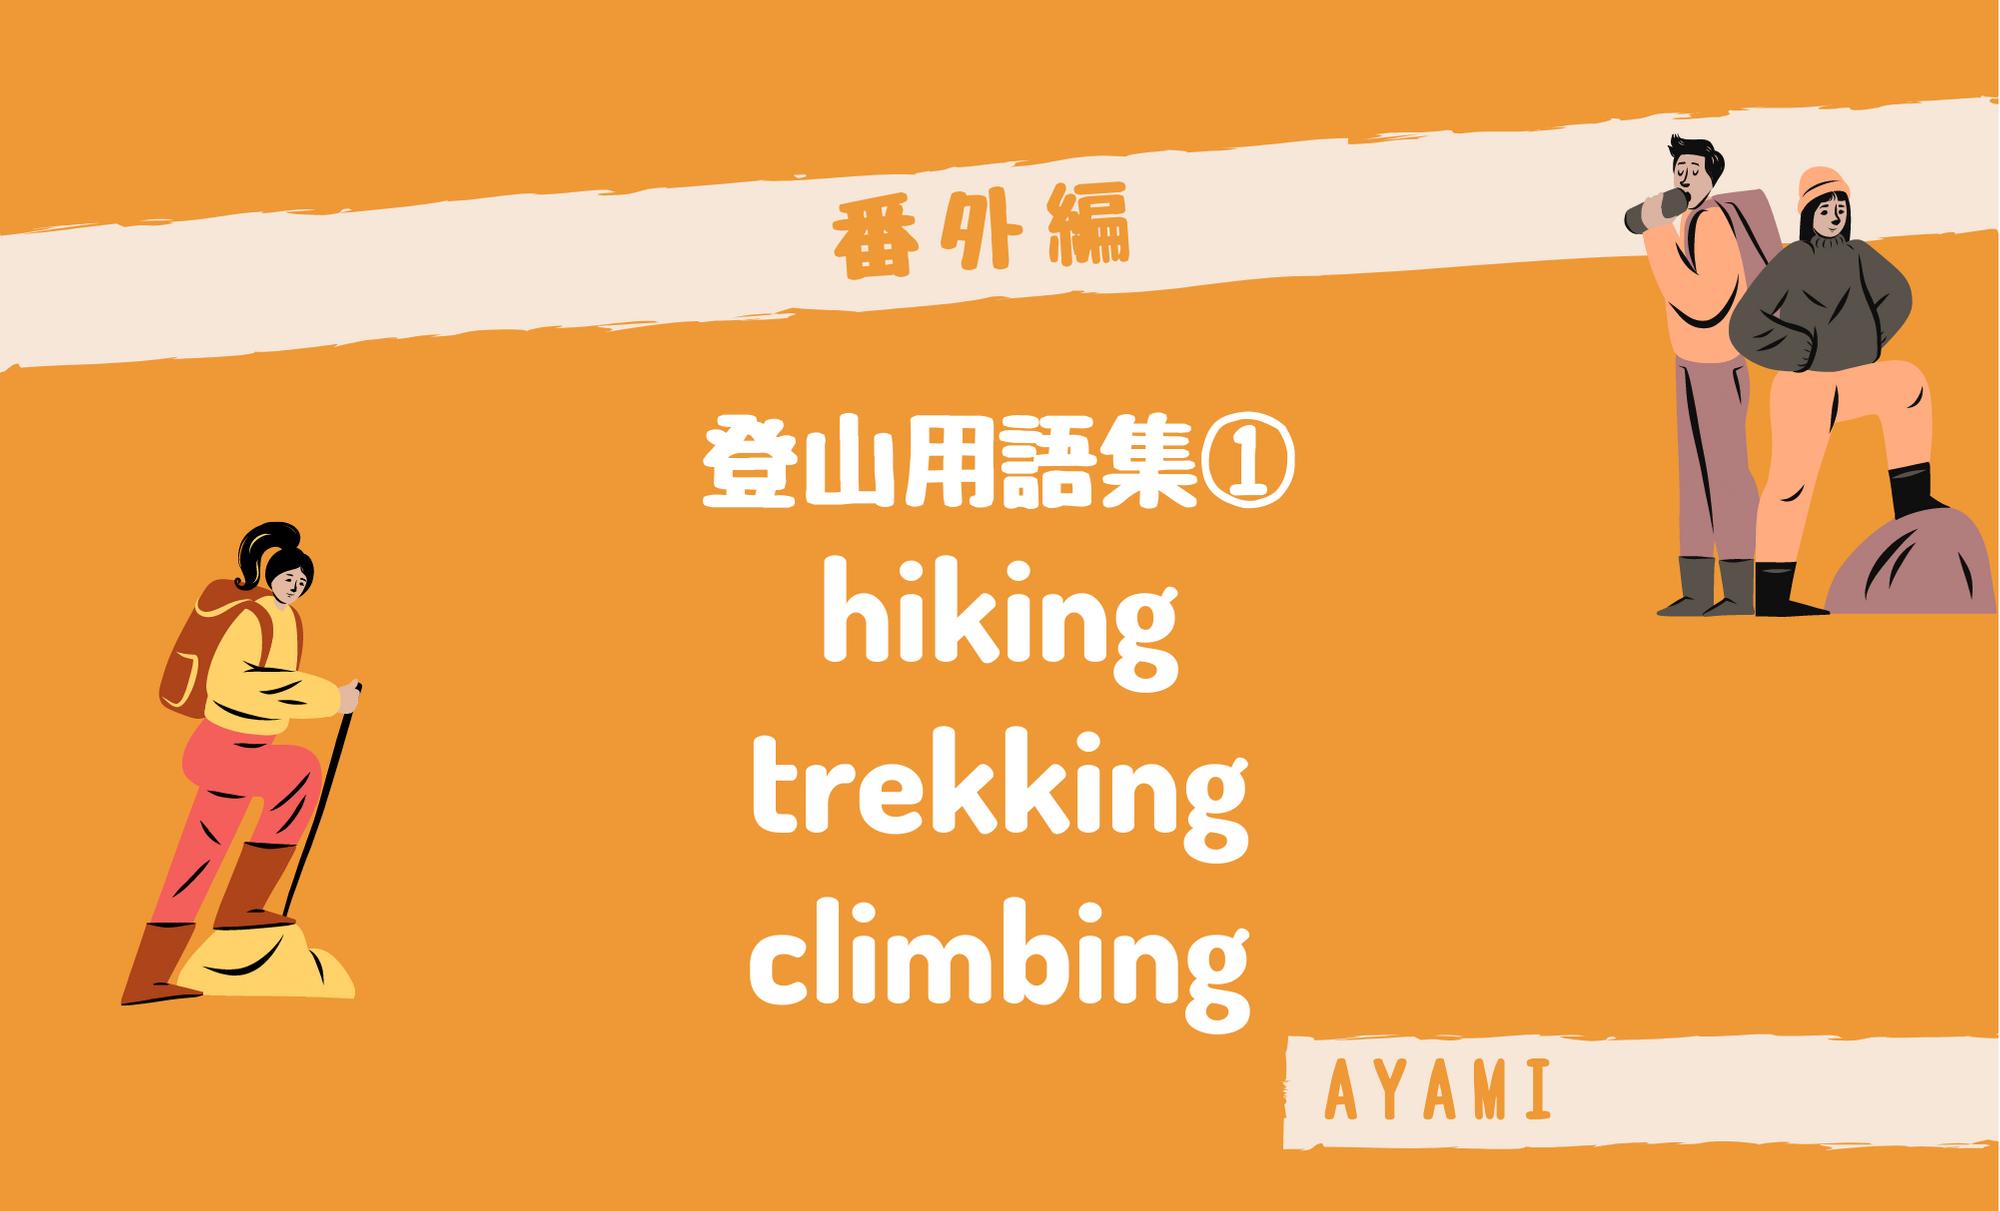 登山用語集①「登山」は英語で何て言う? hiking vs trekking vs climbing